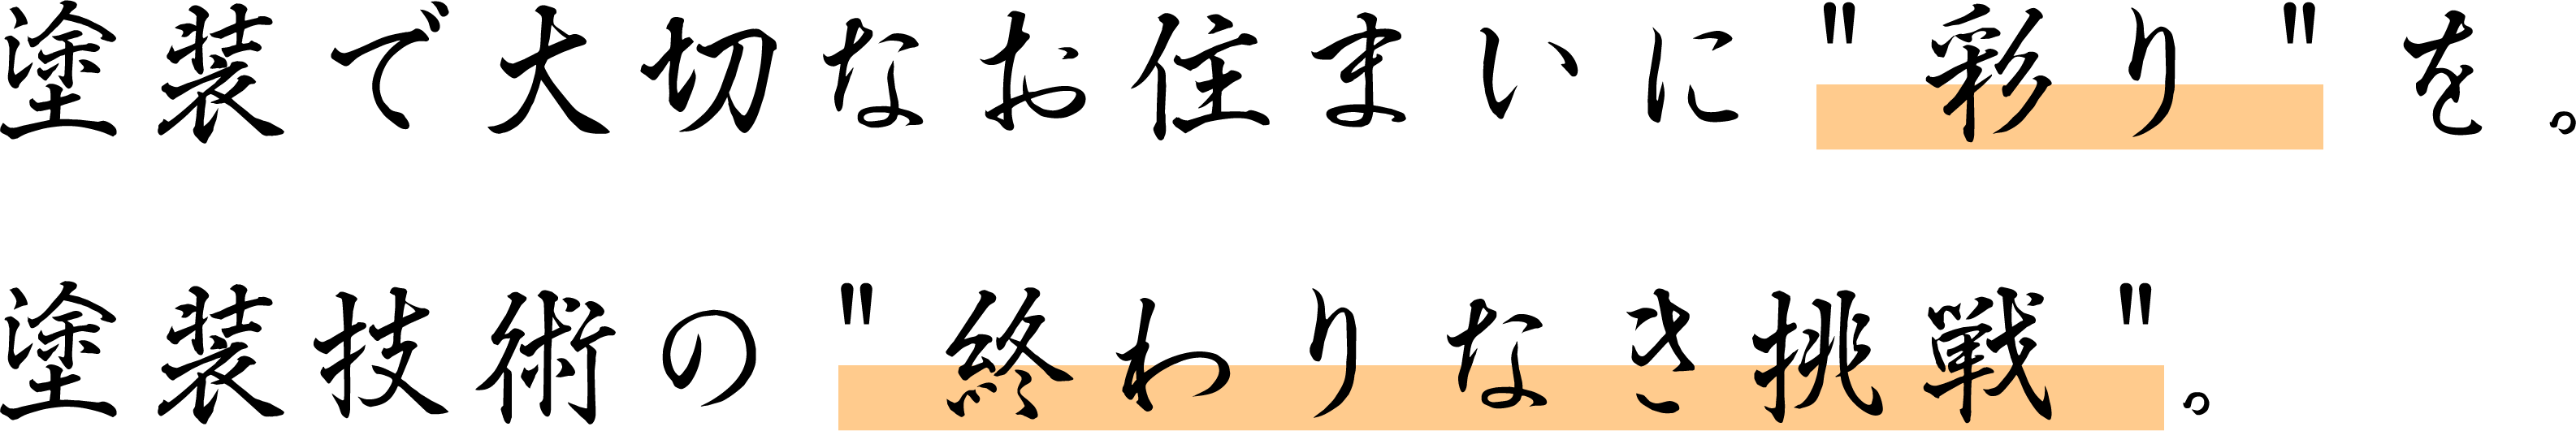 """塗装で大切なお住まいに""""彩り""""を。塗装技術の""""終わりなき挑戦""""。"""